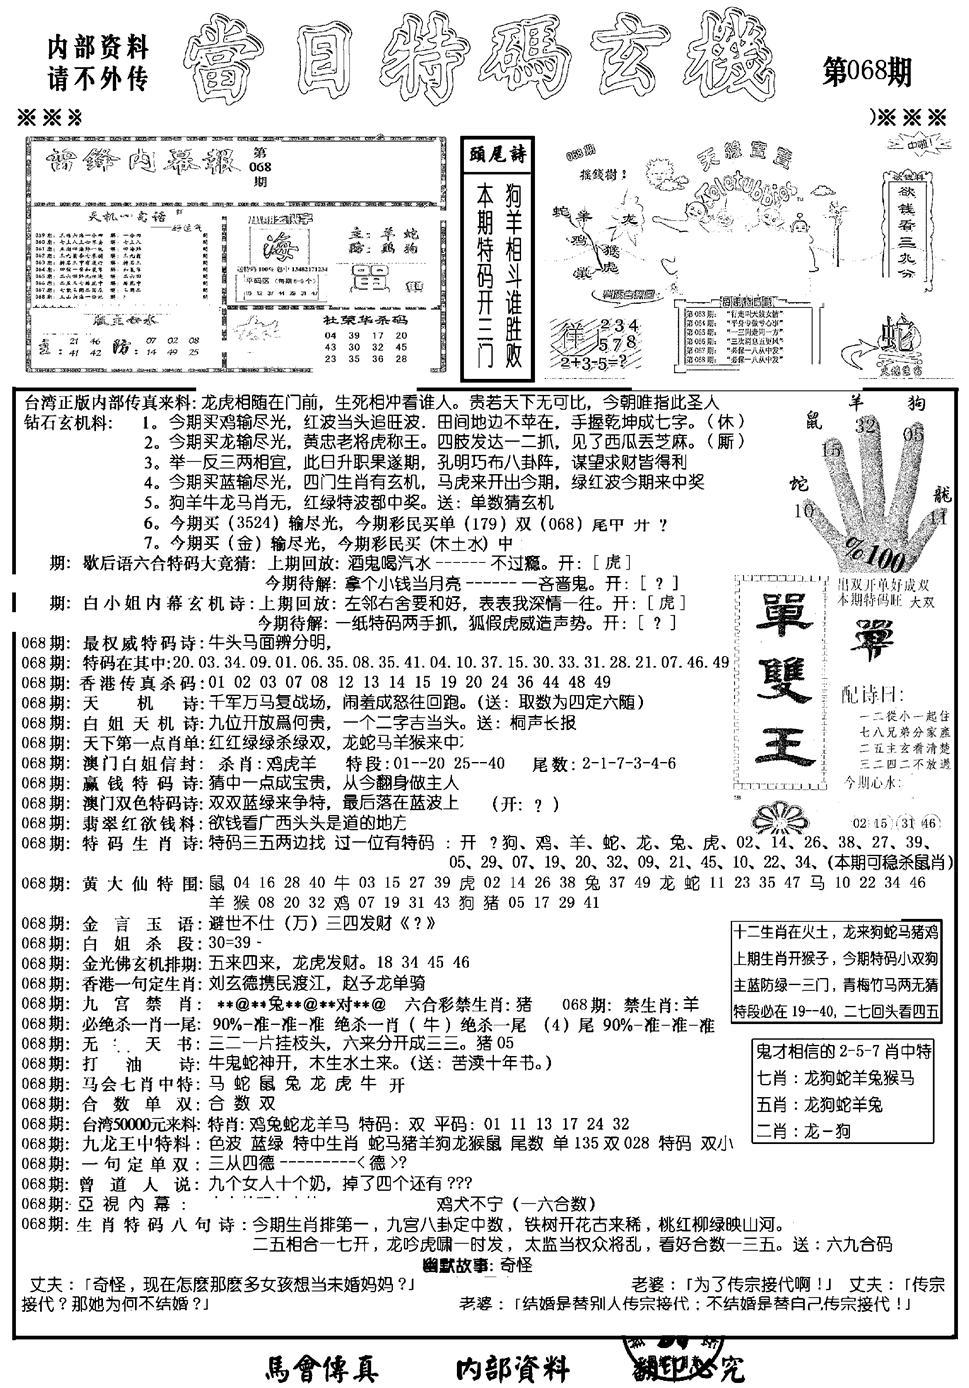 068期当日特码玄机B(新)(黑白)